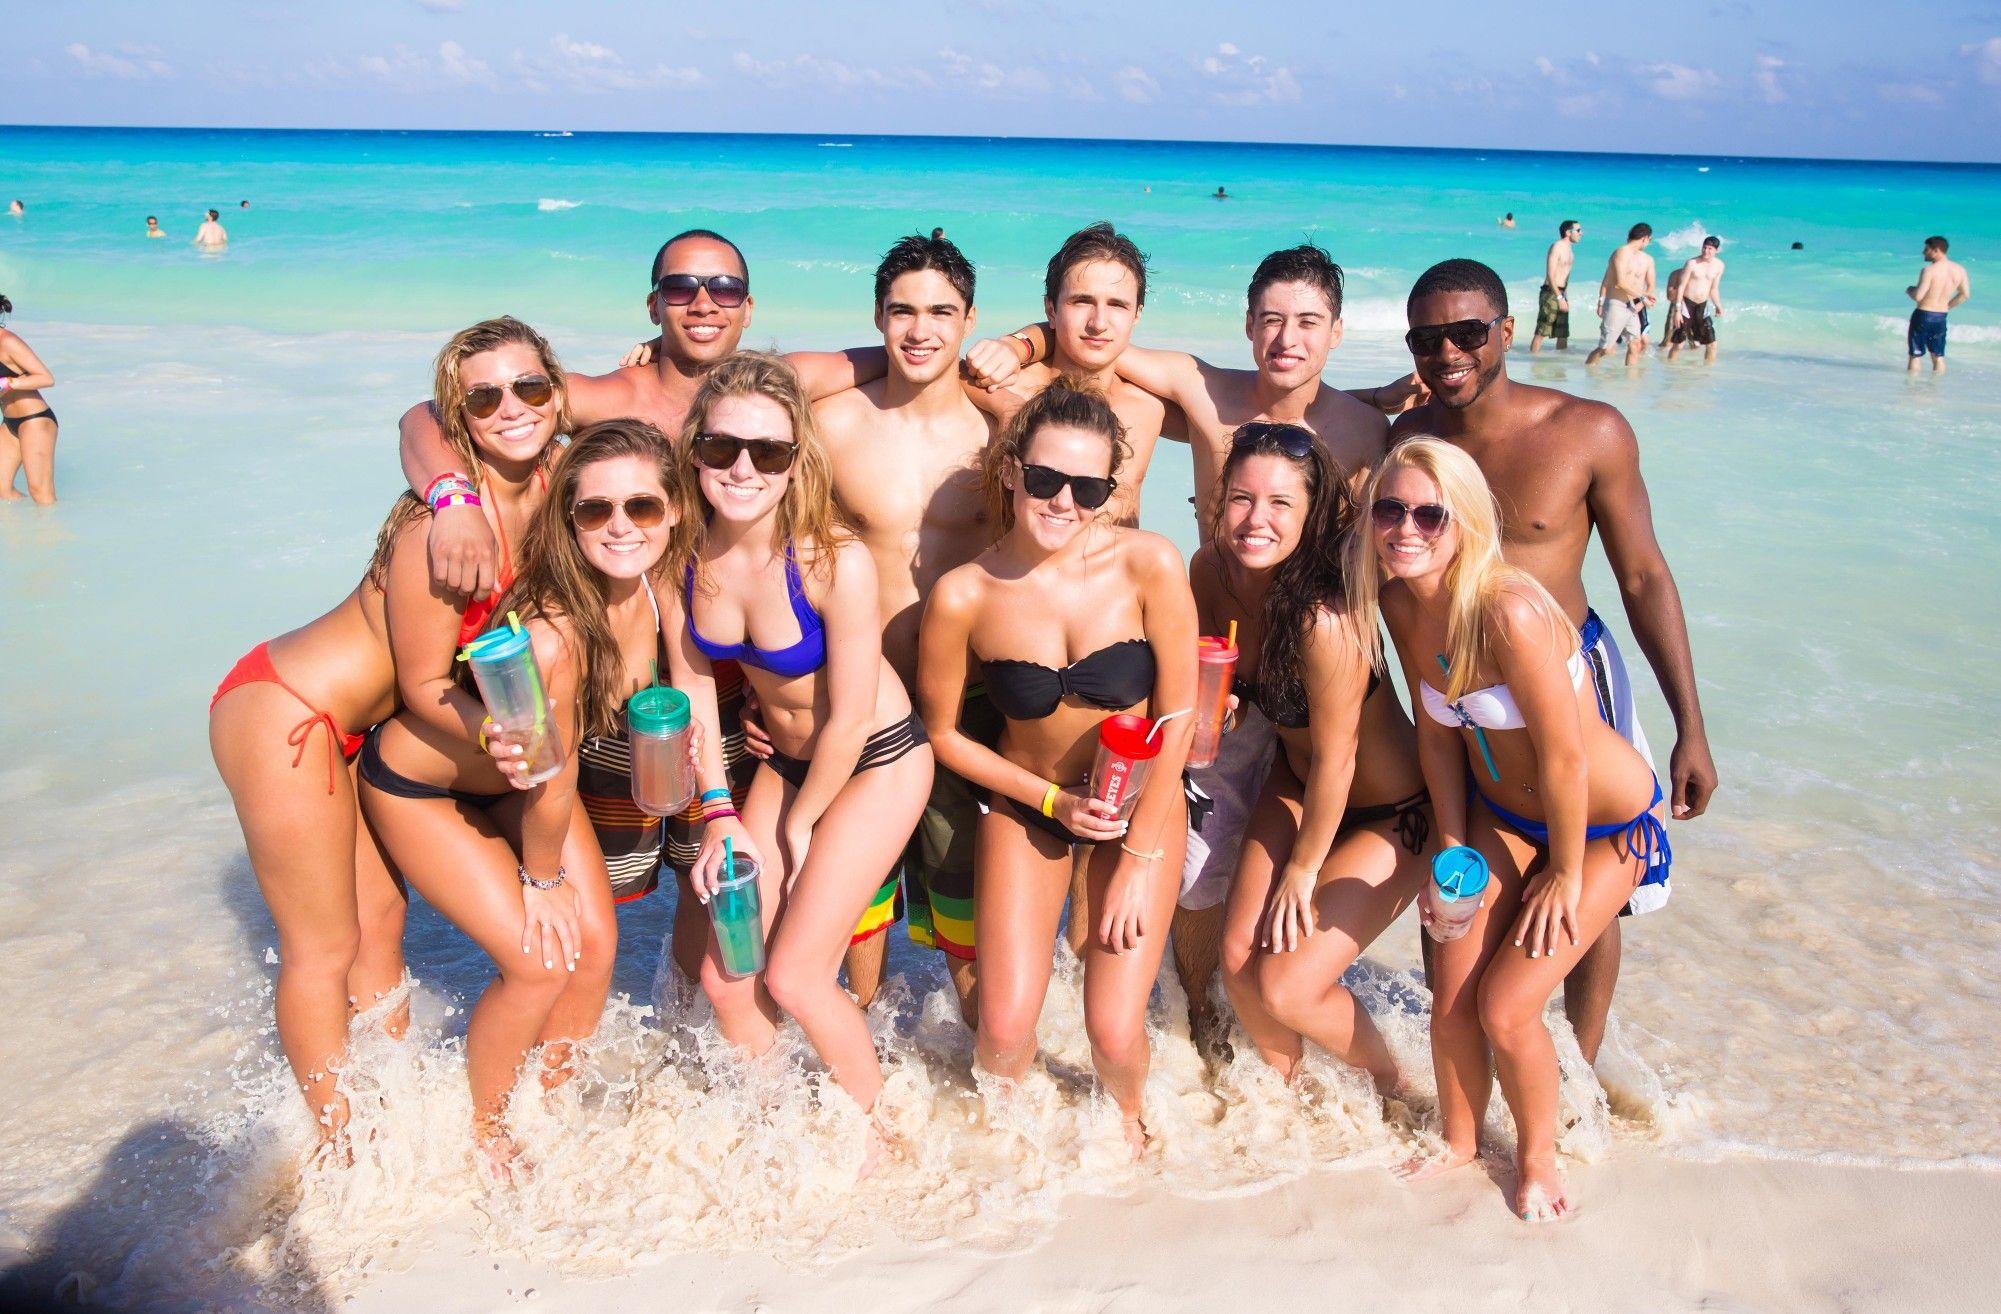 Голая Вечеринка На Пляже